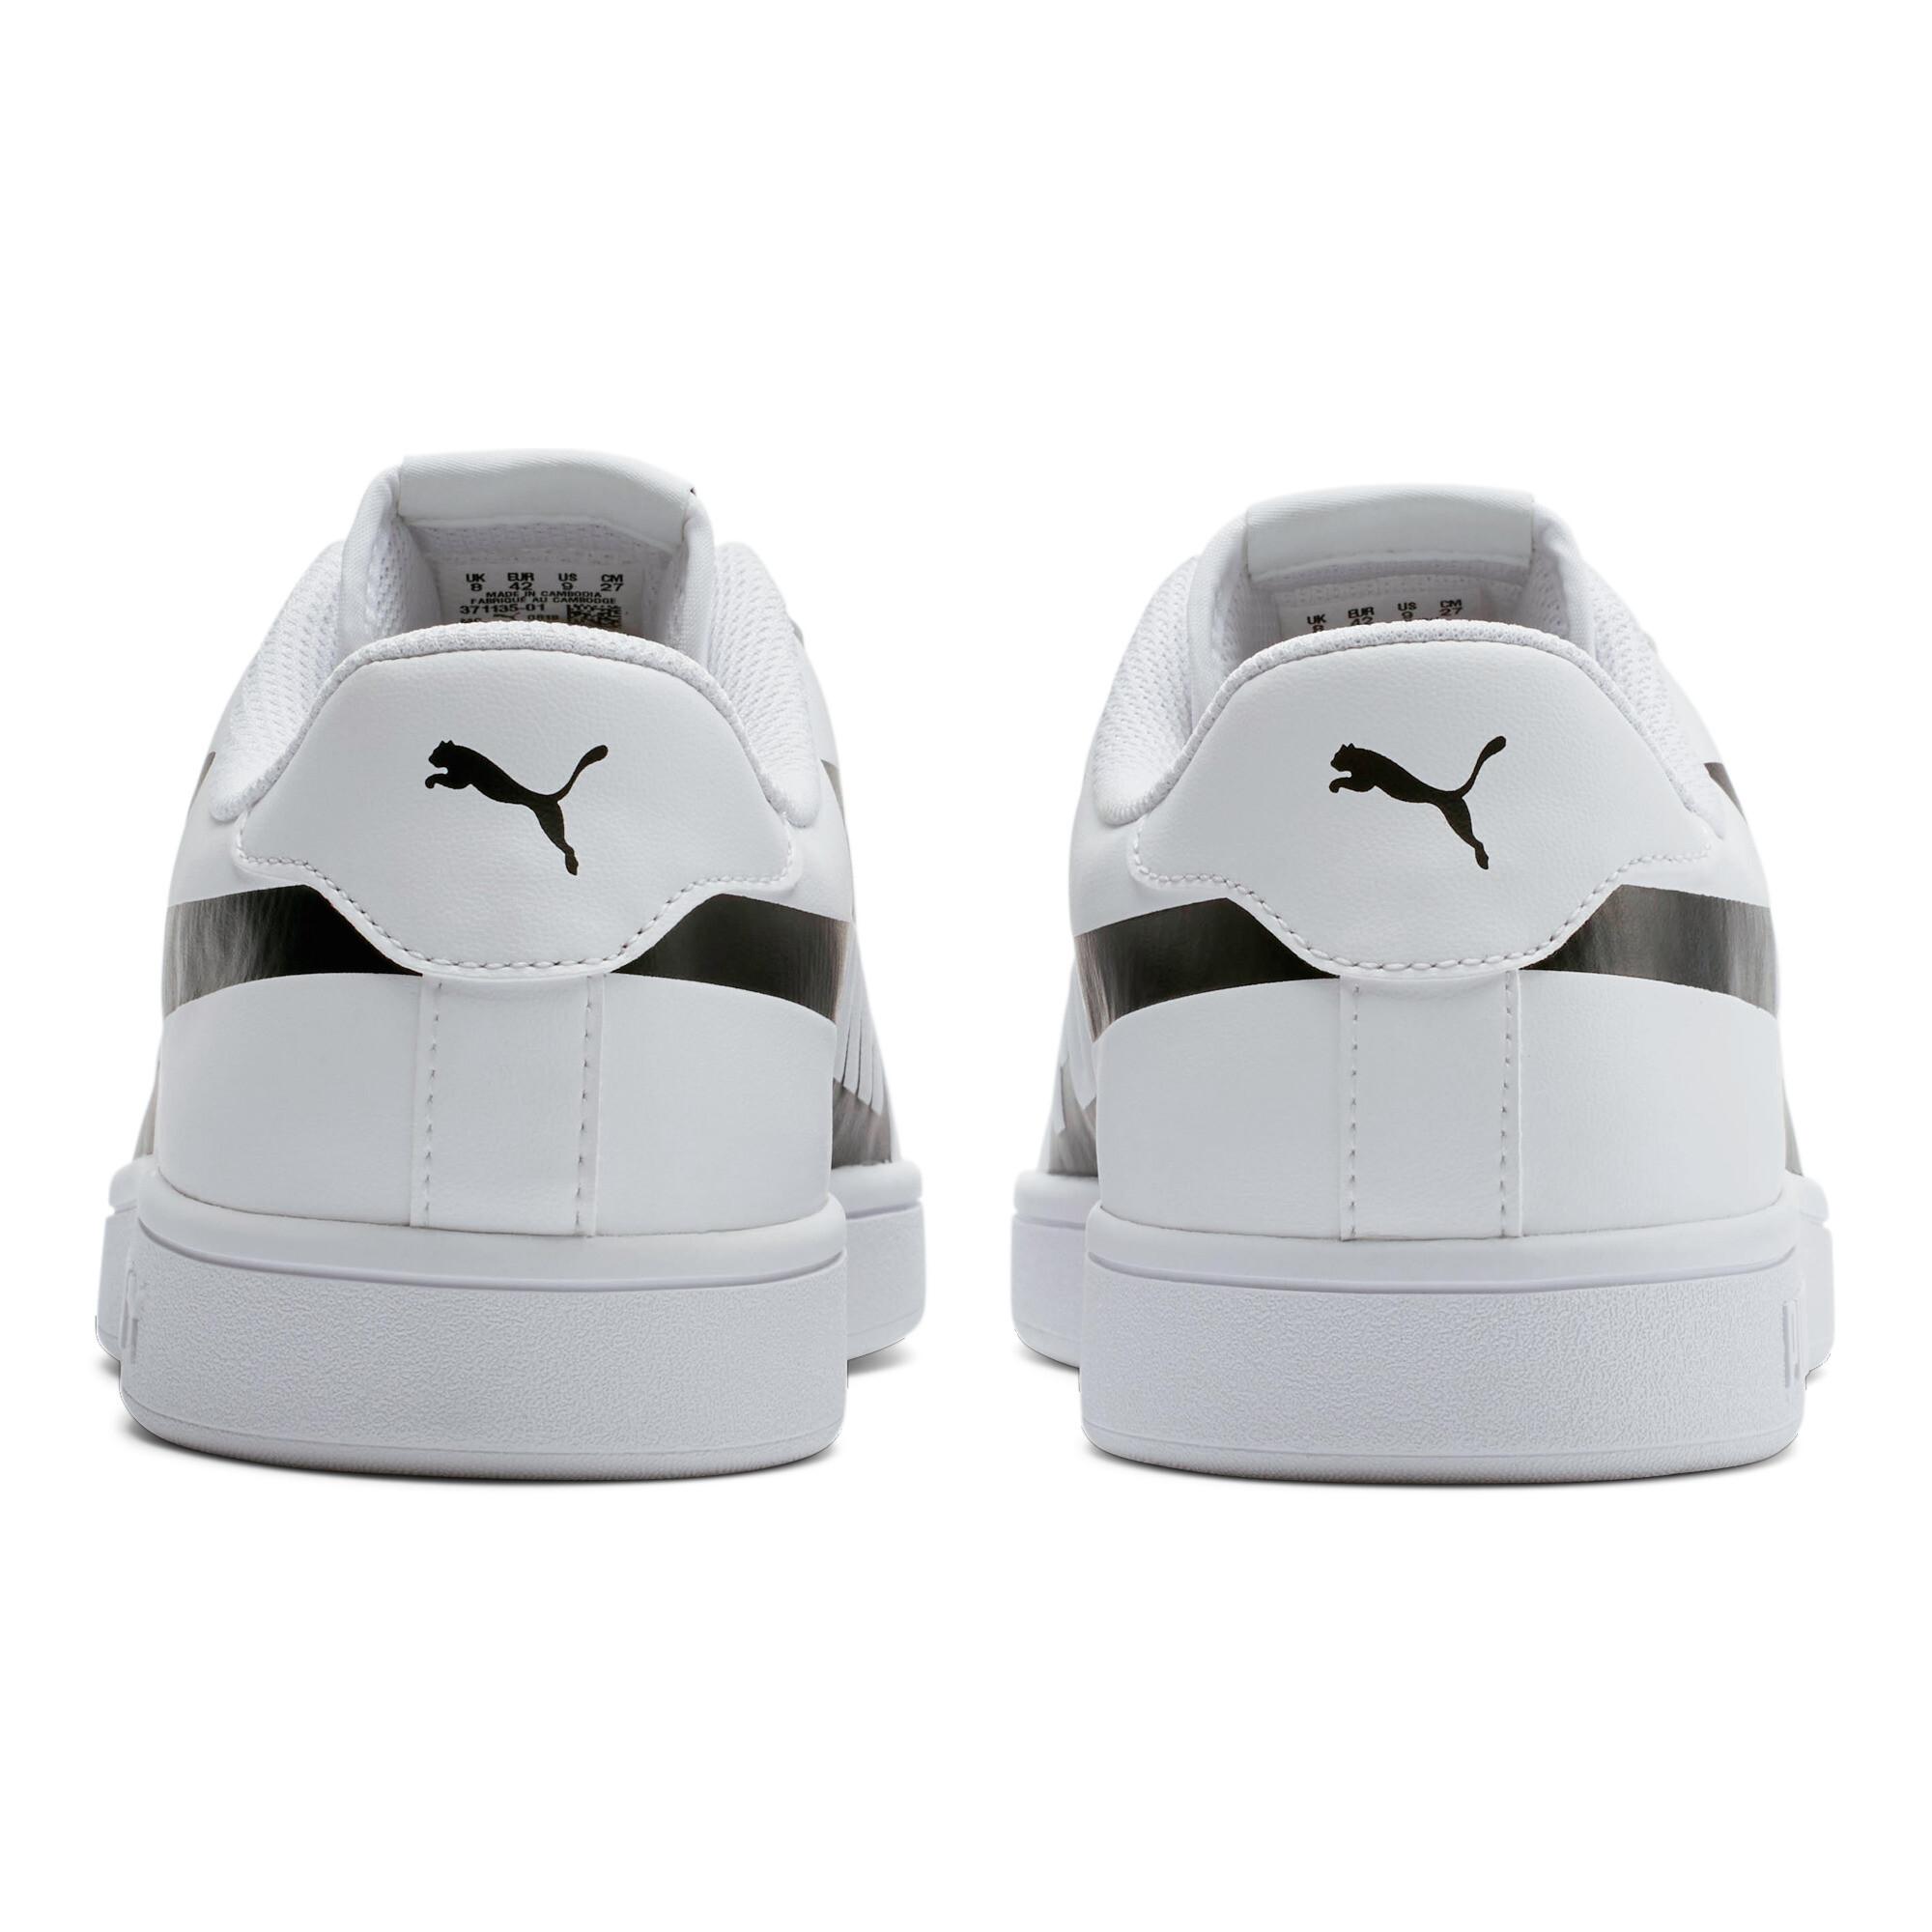 PUMA-PUMA-Smash-v2-Max-Sneakers-Men-Shoe-Basics thumbnail 13